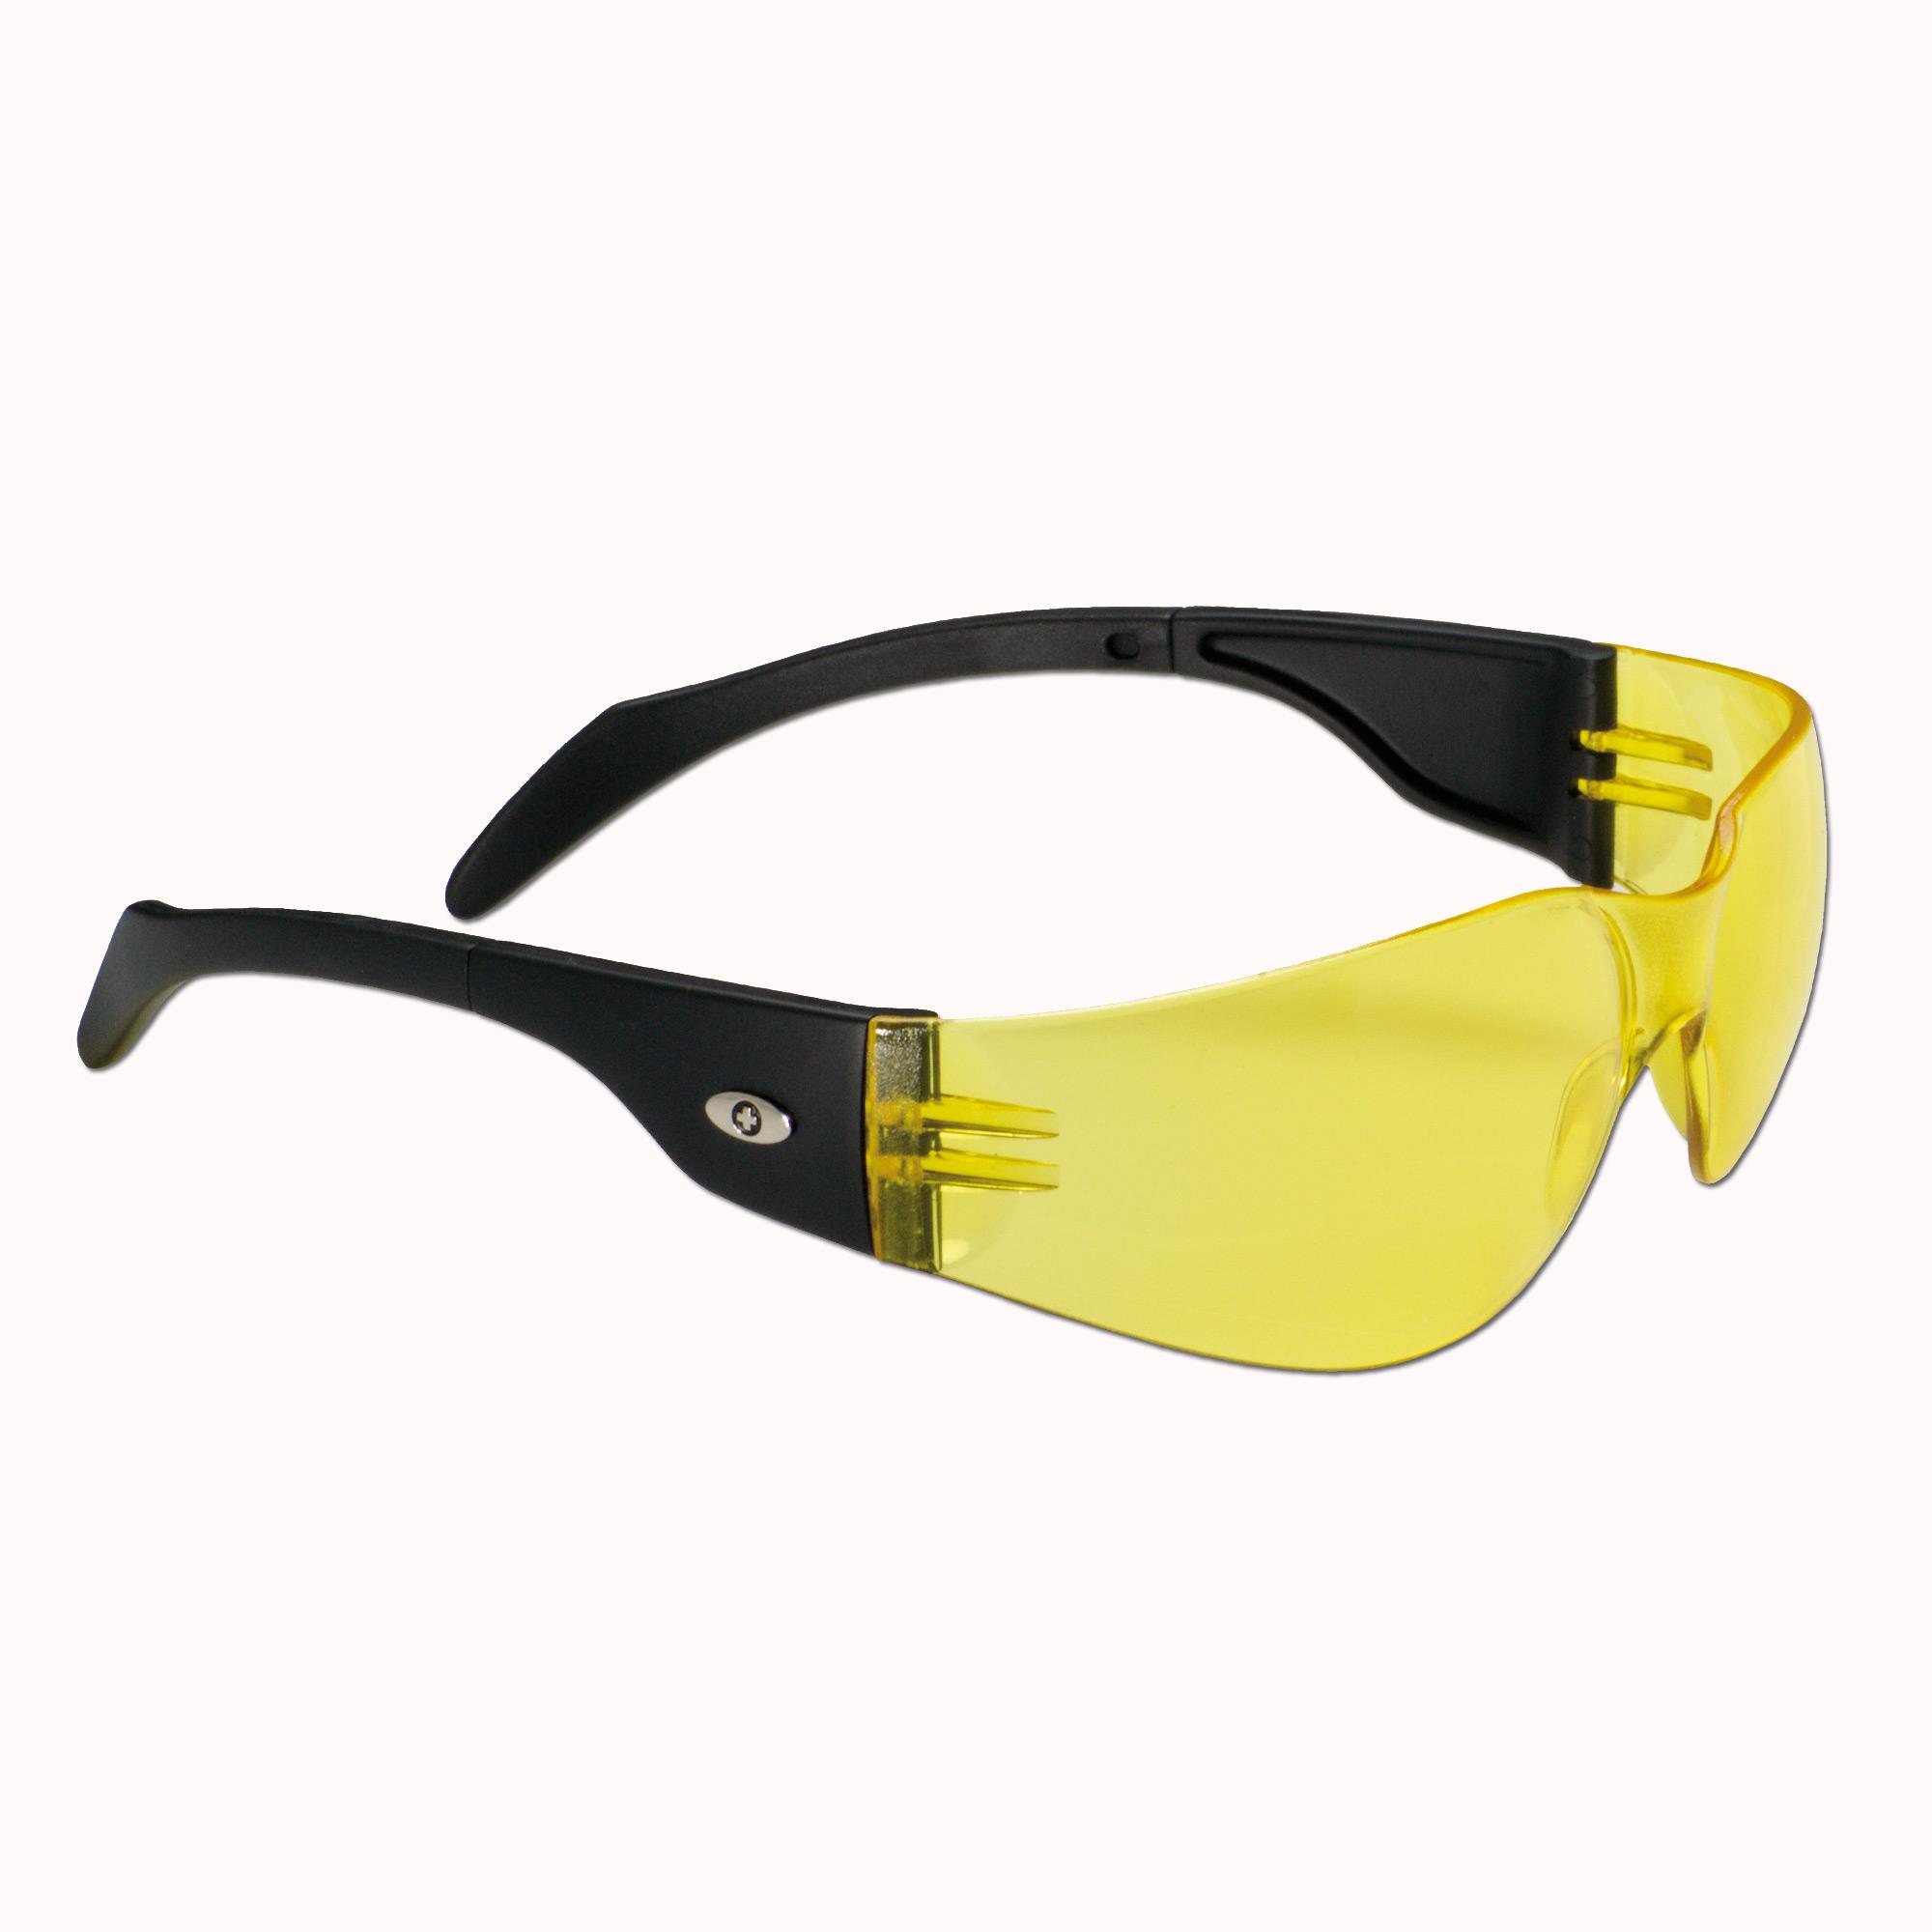 Sonnenbrille Swiss Eye Outbreak S gelb